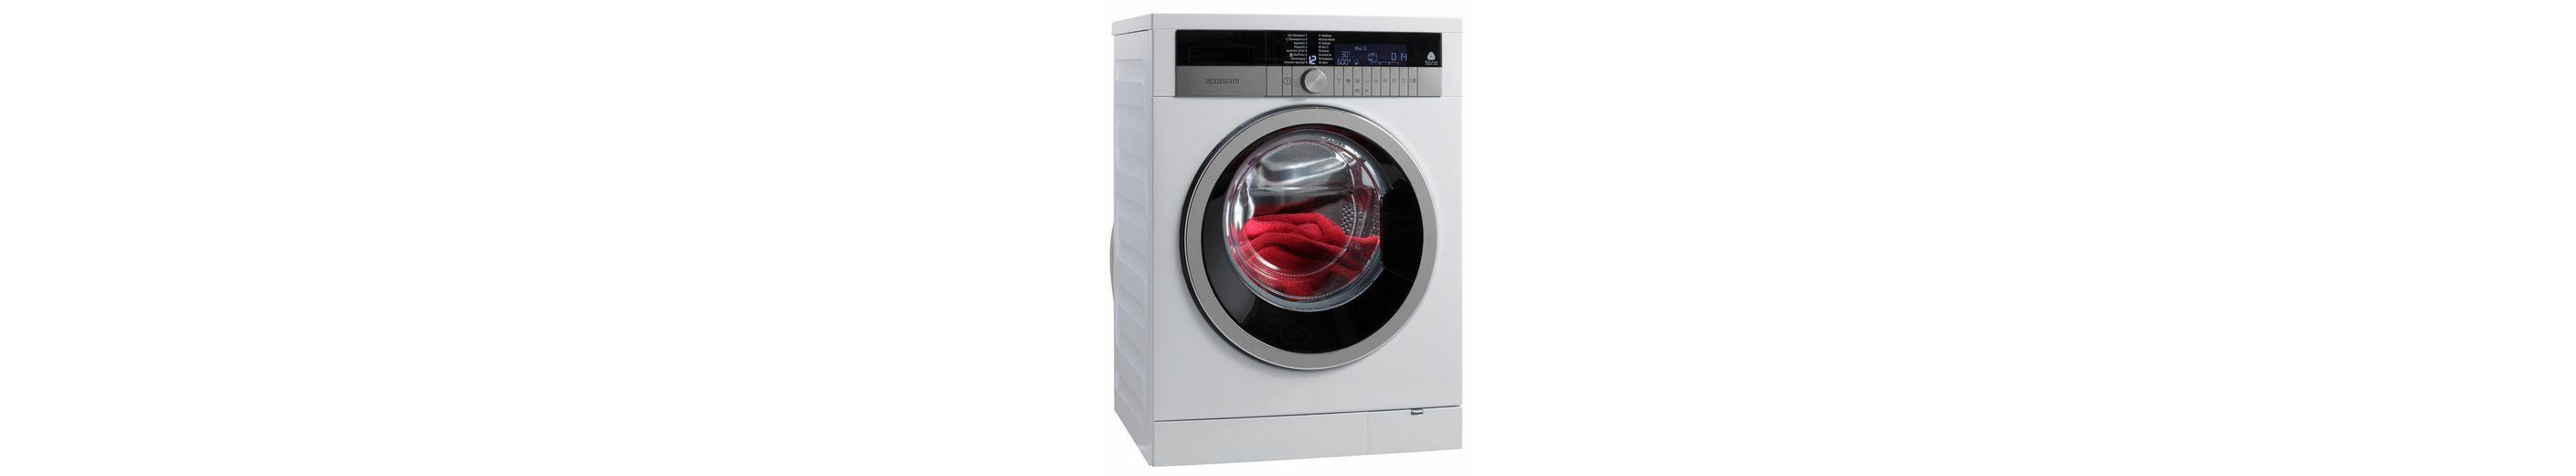 Grundig Waschmaschine GWN57643C, A+++, 7 kg, 1600 U/Min